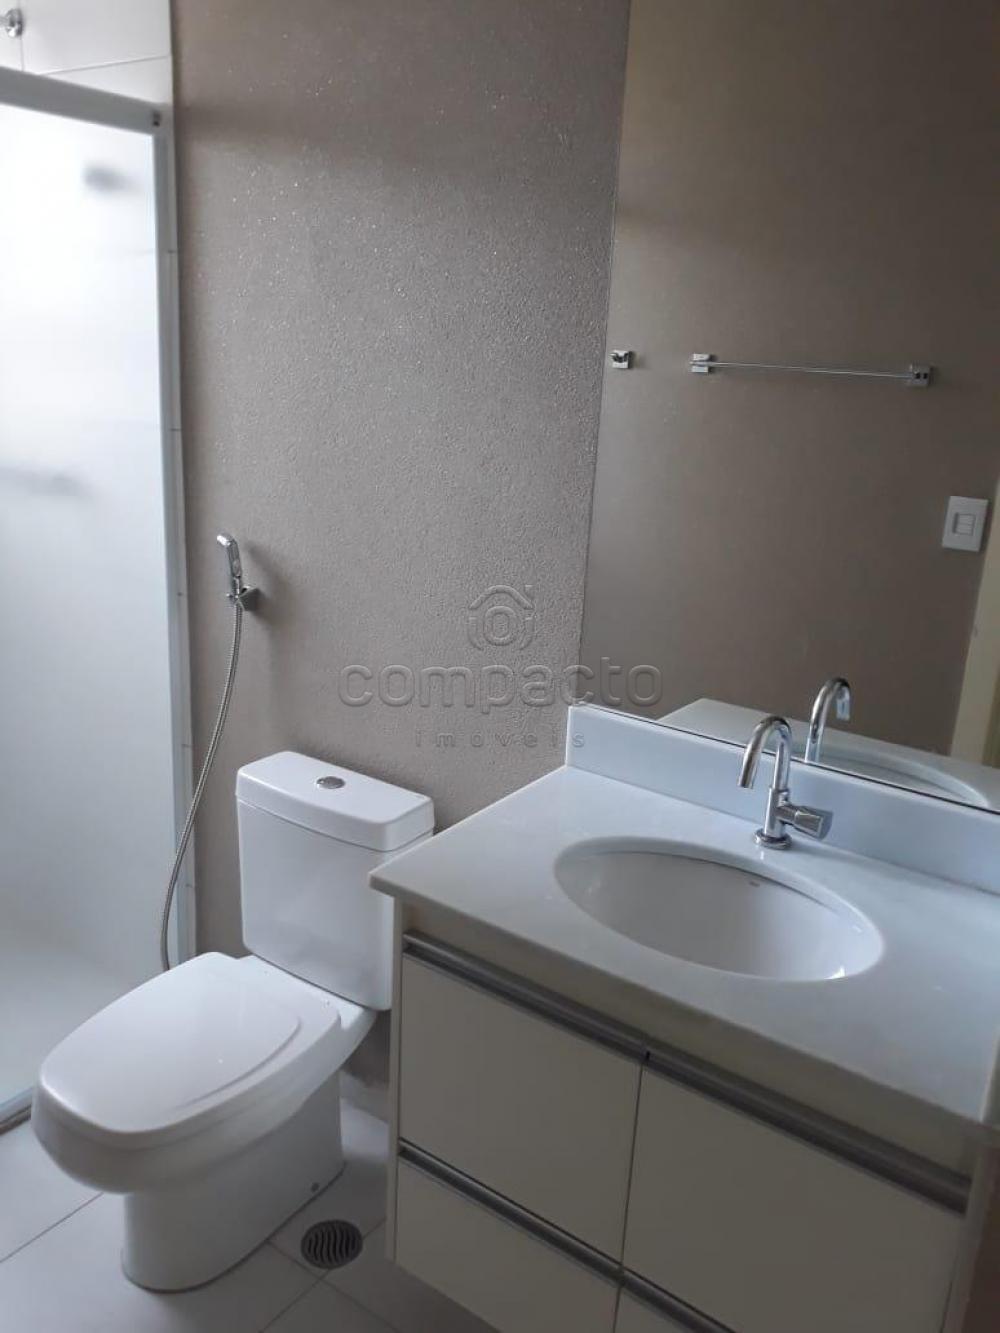 Alugar Apartamento / Padrão em São José do Rio Preto apenas R$ 2.650,00 - Foto 12